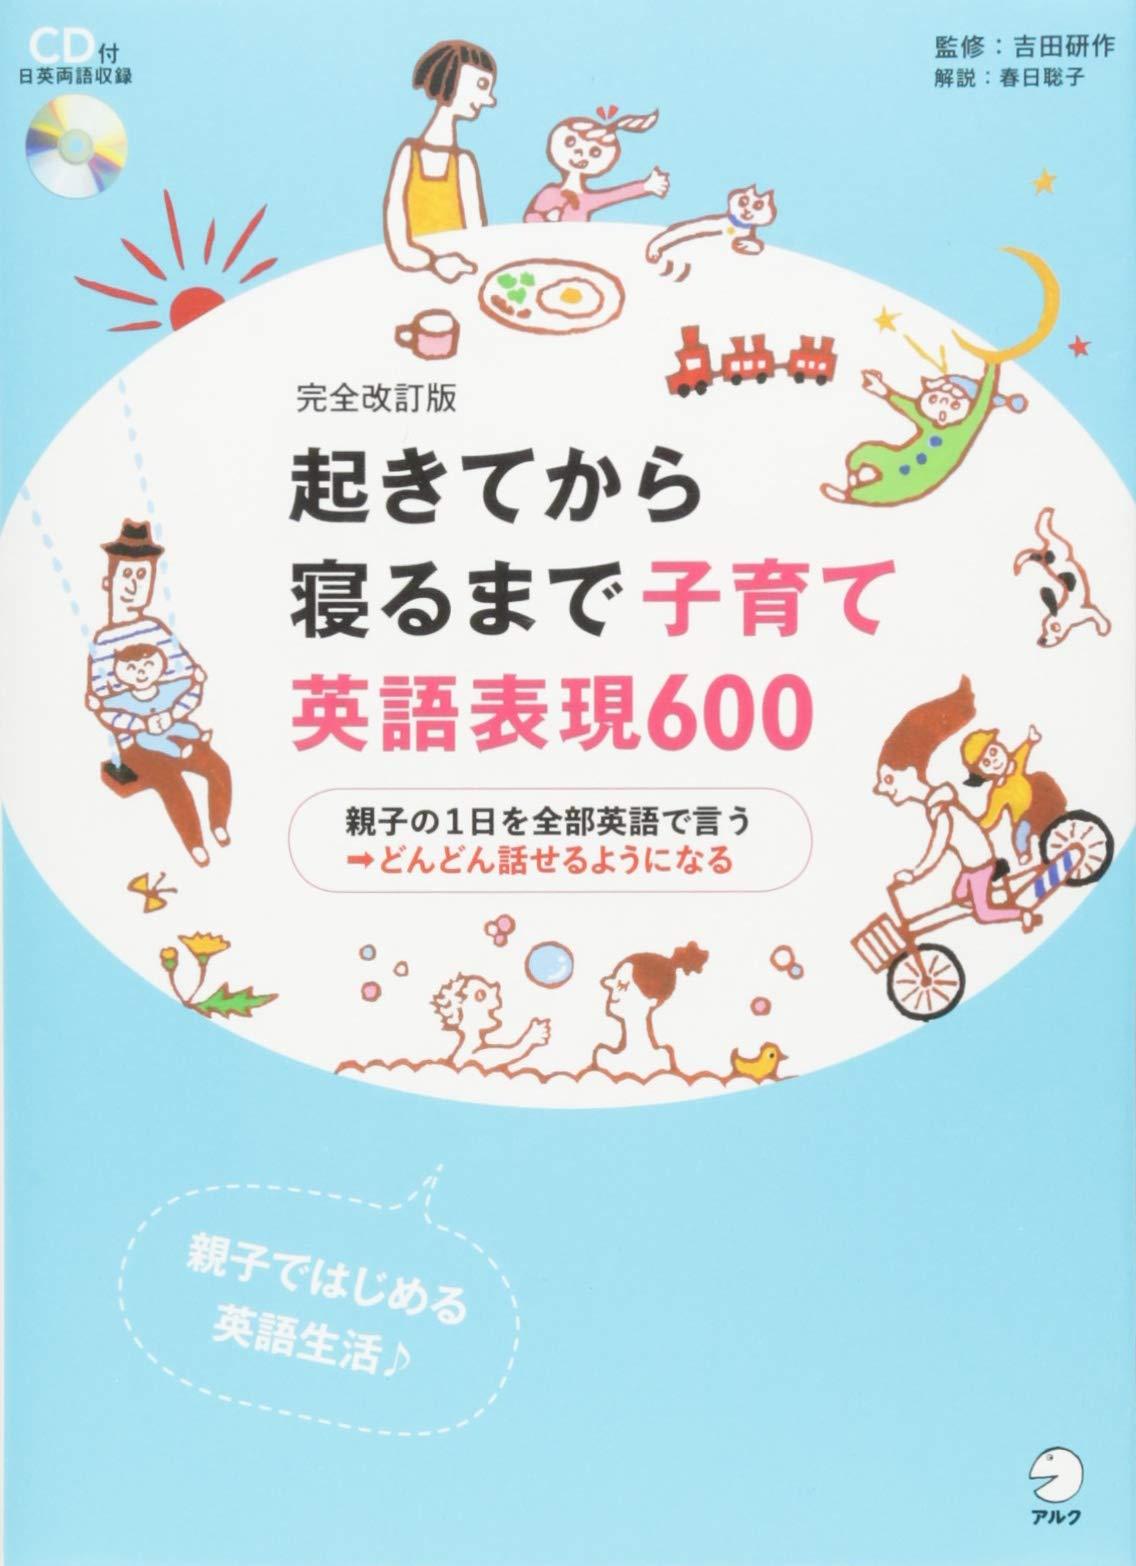 英語 共働き 【共働き世帯の割合は?】所得・家事・育児など日本の共働き夫婦の生活について 有機野菜などの安全食材宅配はオイシックス